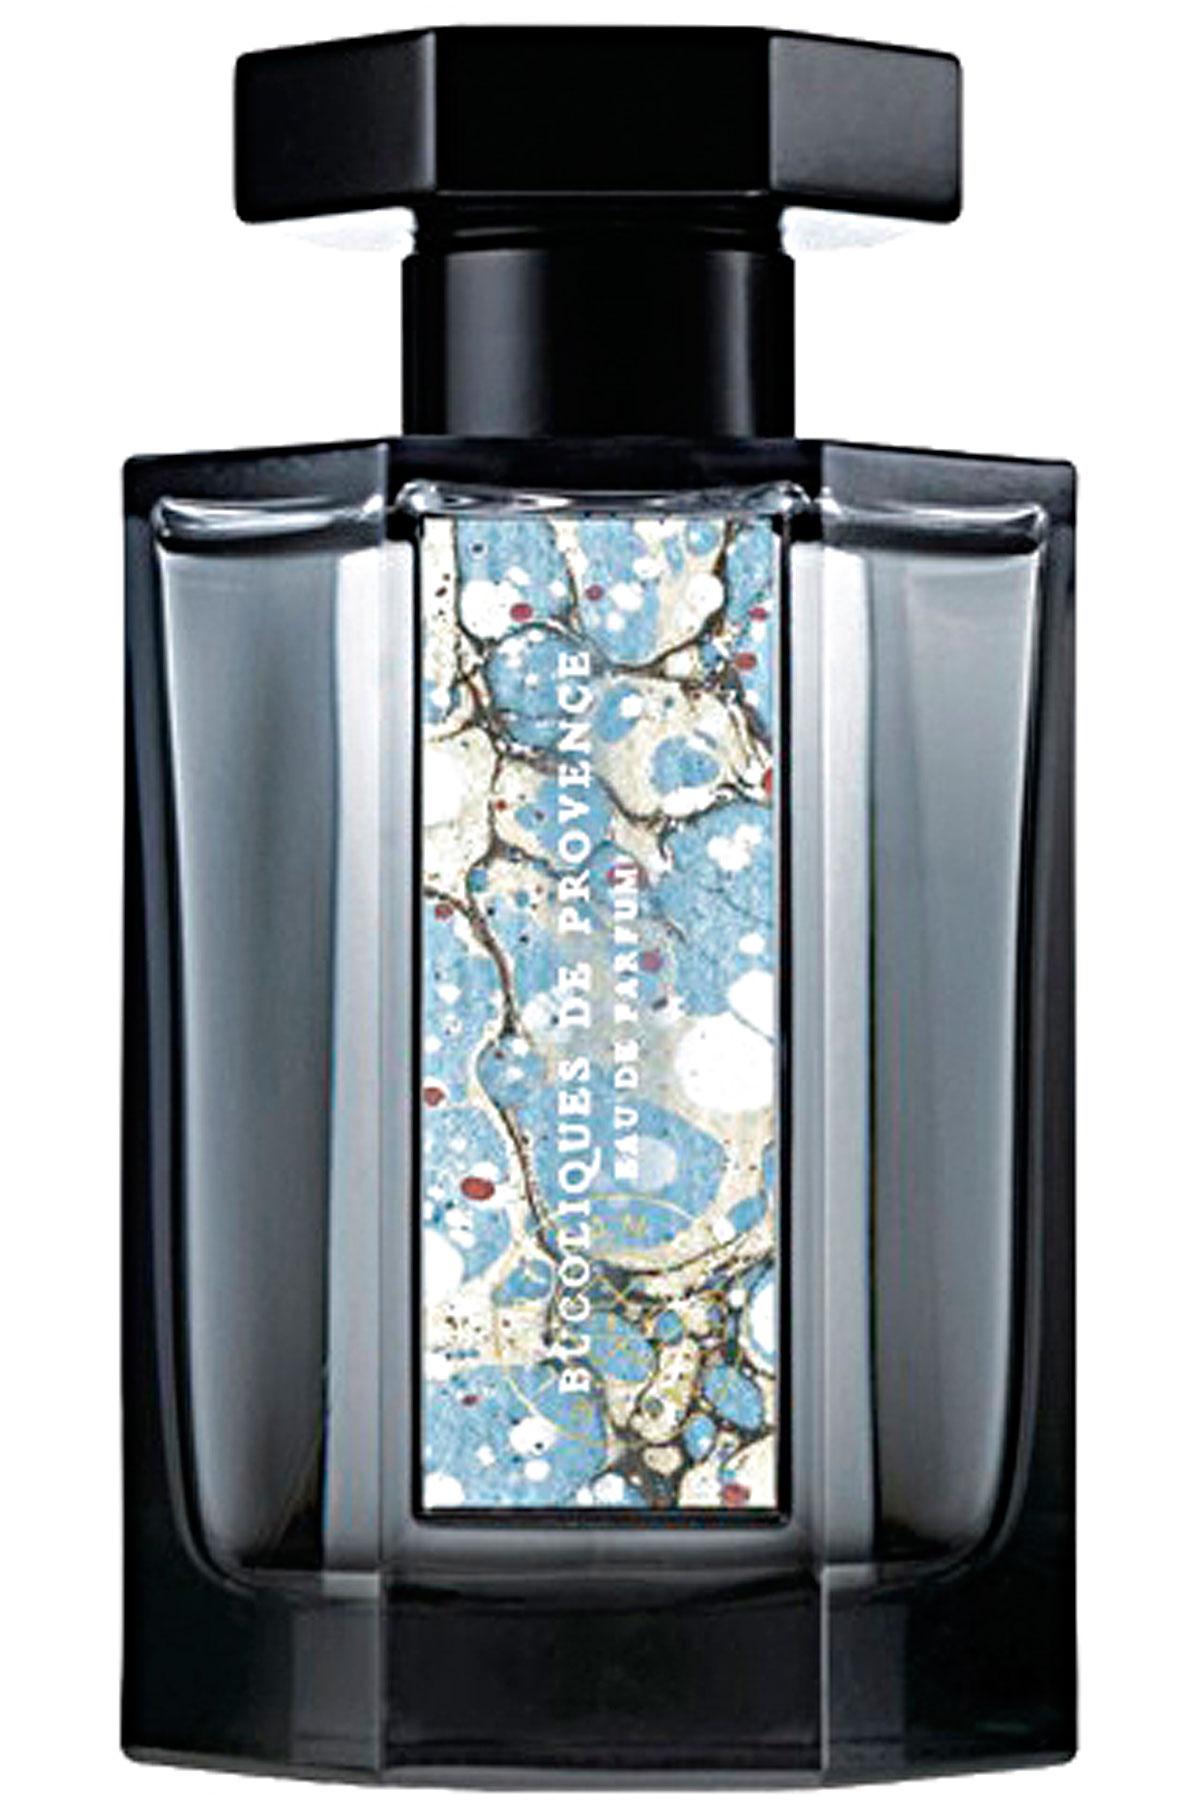 Artisan Parfumeur Fragrances for Men, Bucolique De Provence - Eau De Parfum - 100 Ml, 2019, 100 ml